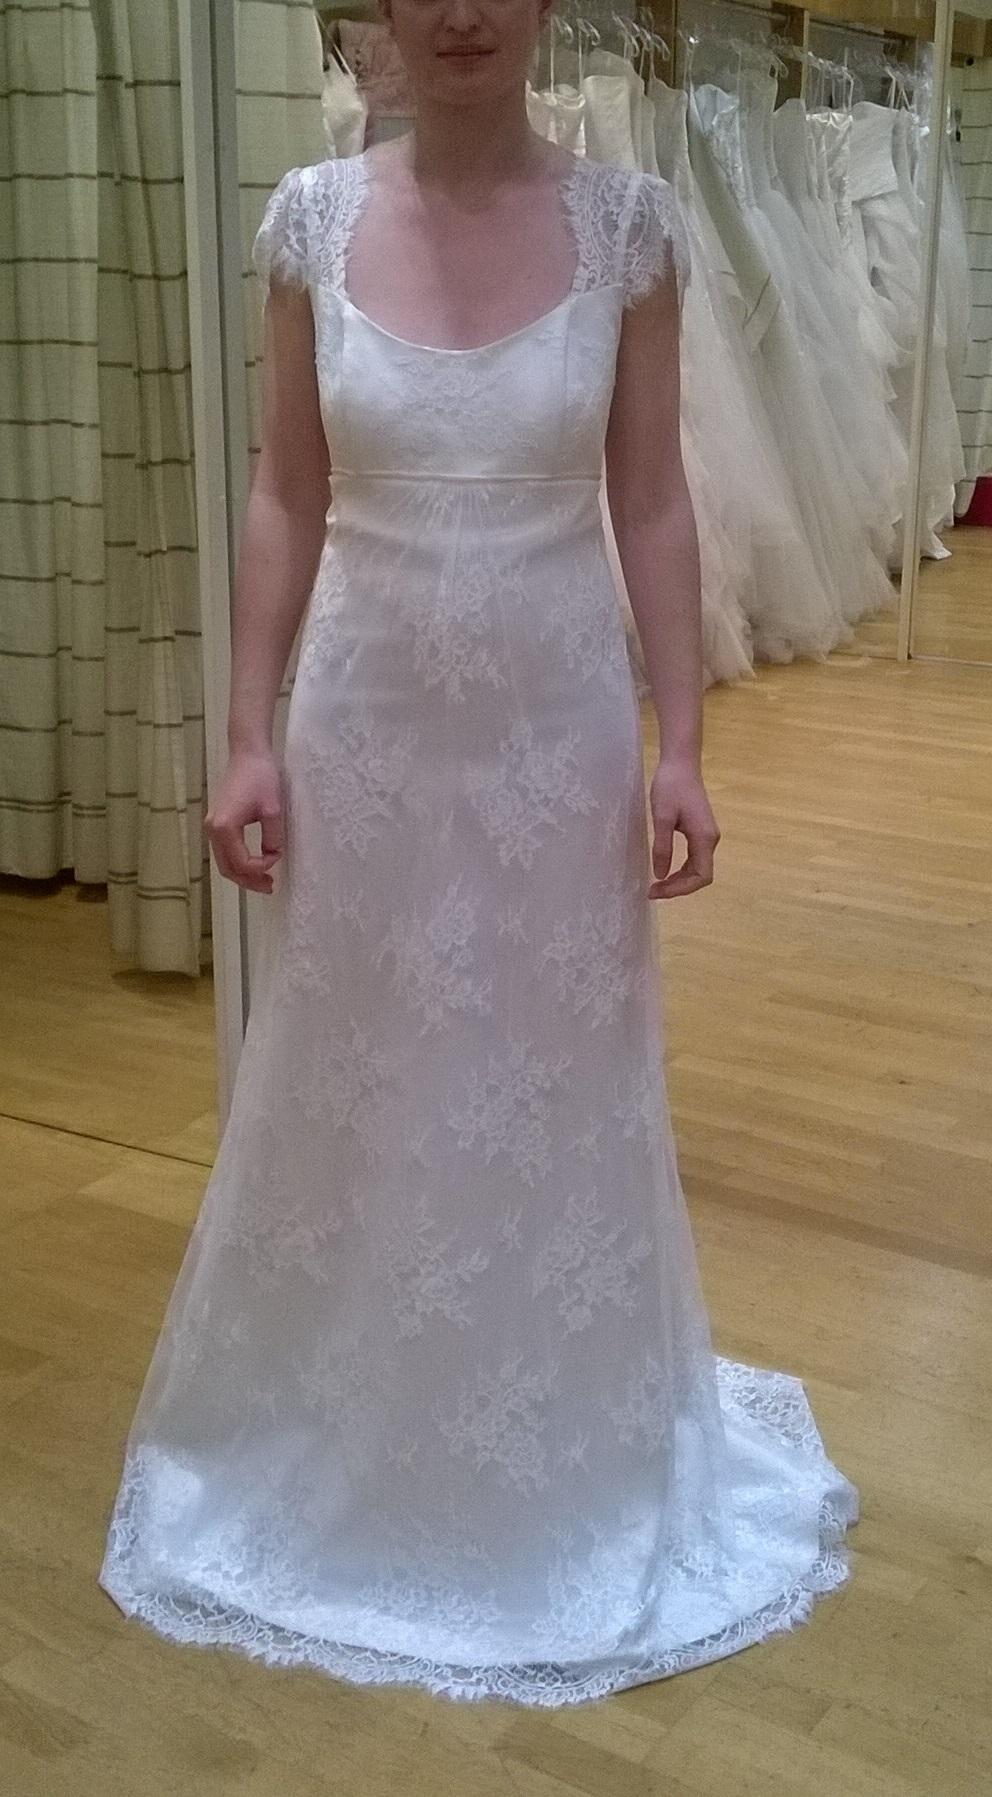 Celle qui a choisi sa robe sans réaliser le choix qu'elle faisait – Partie 2